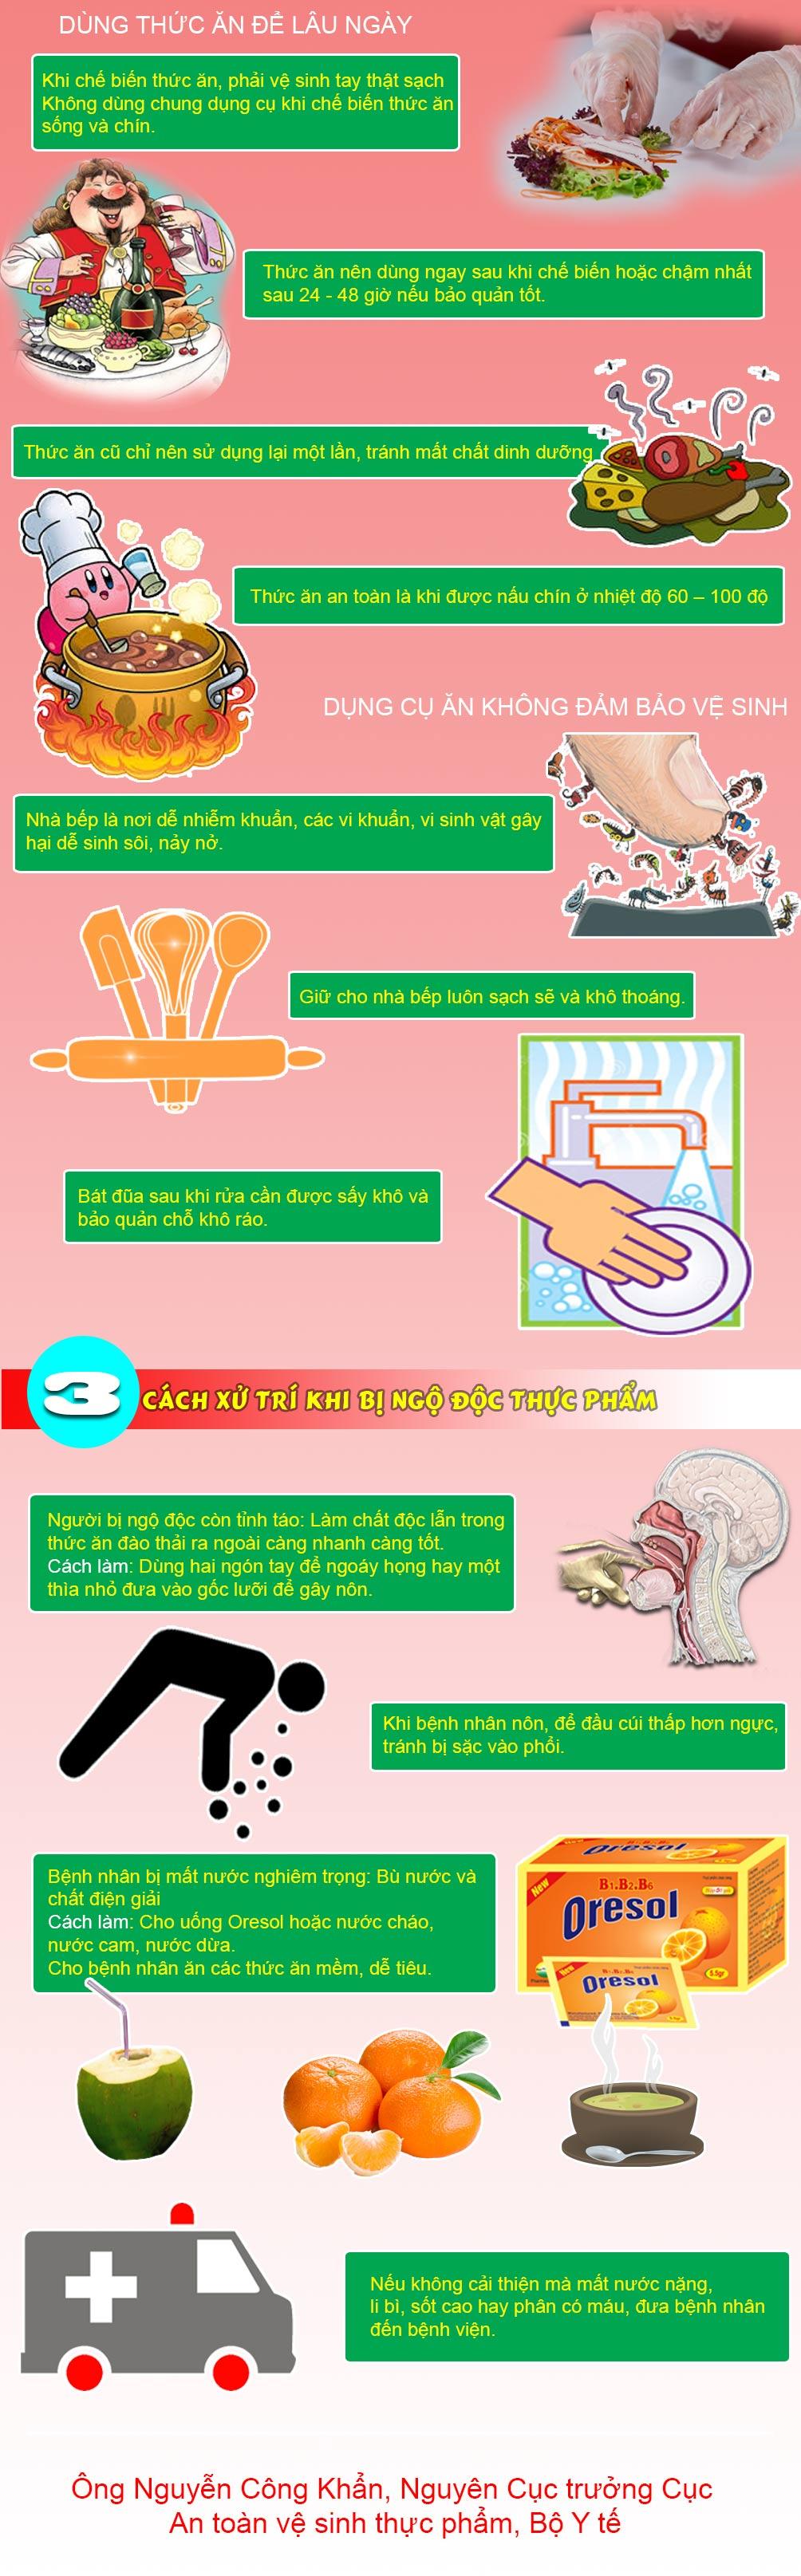 Infographic: Cách phòng ngộ độc thực phẩm cực hiệu quả ngày Tết - 2